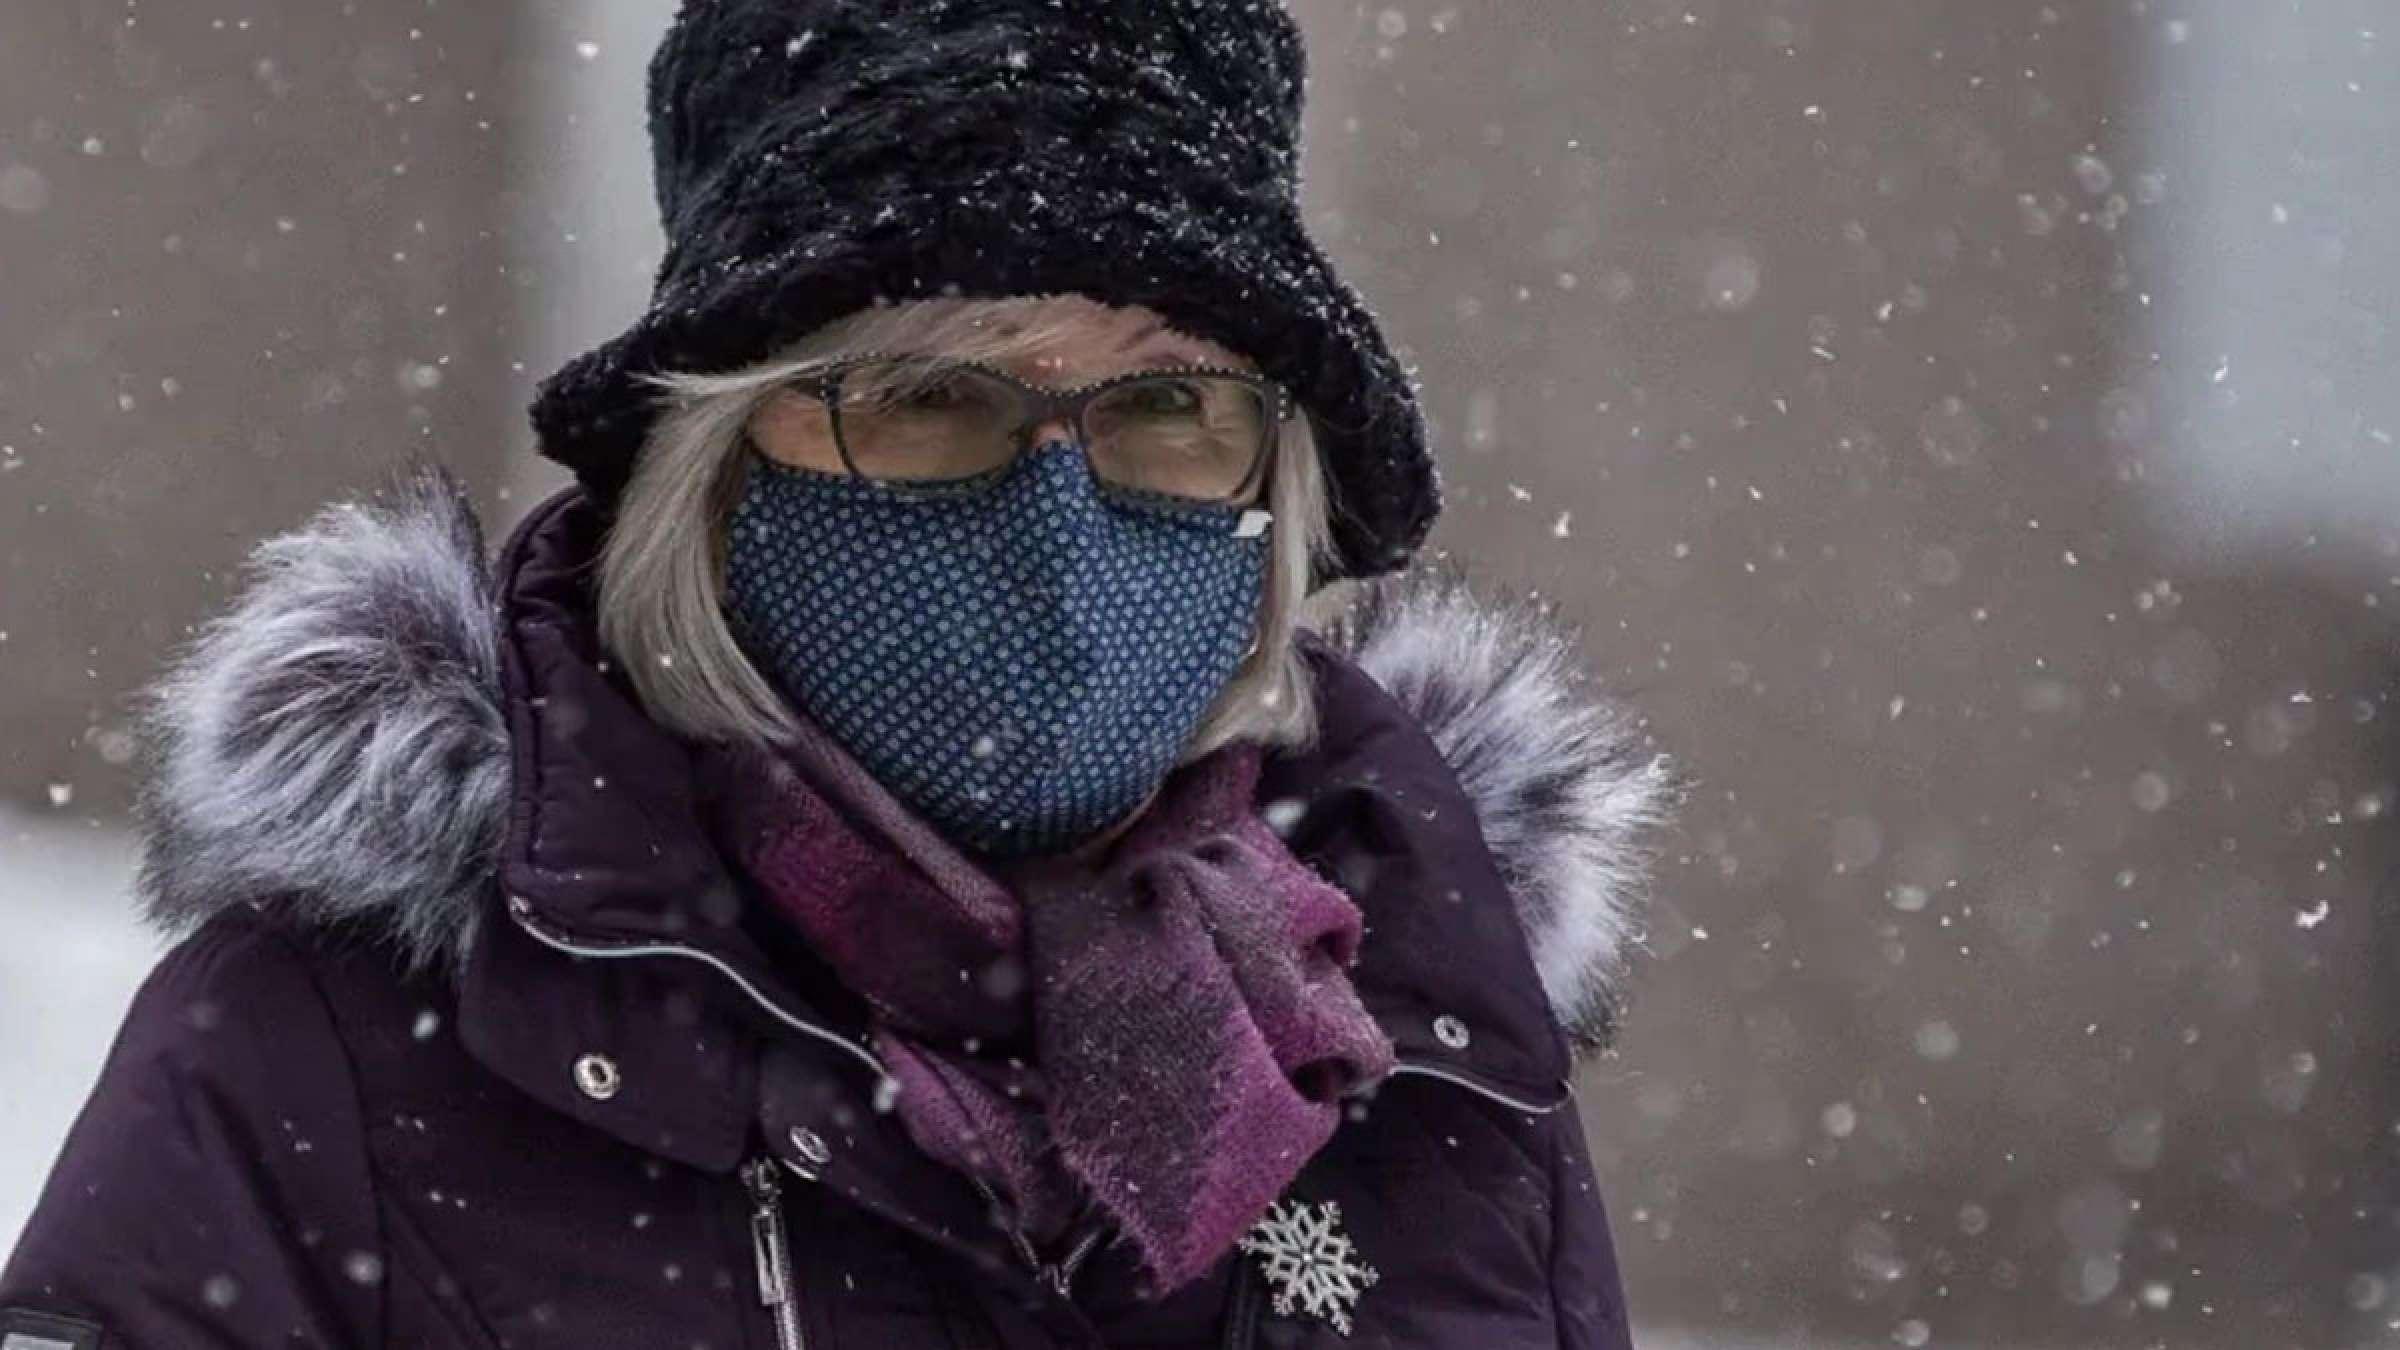 بهداشت-کانادا-پاسخ-می-دهد-با-ماسک-یخ-زدن-آن-و-سرمای-زمستان-چه-کنیم